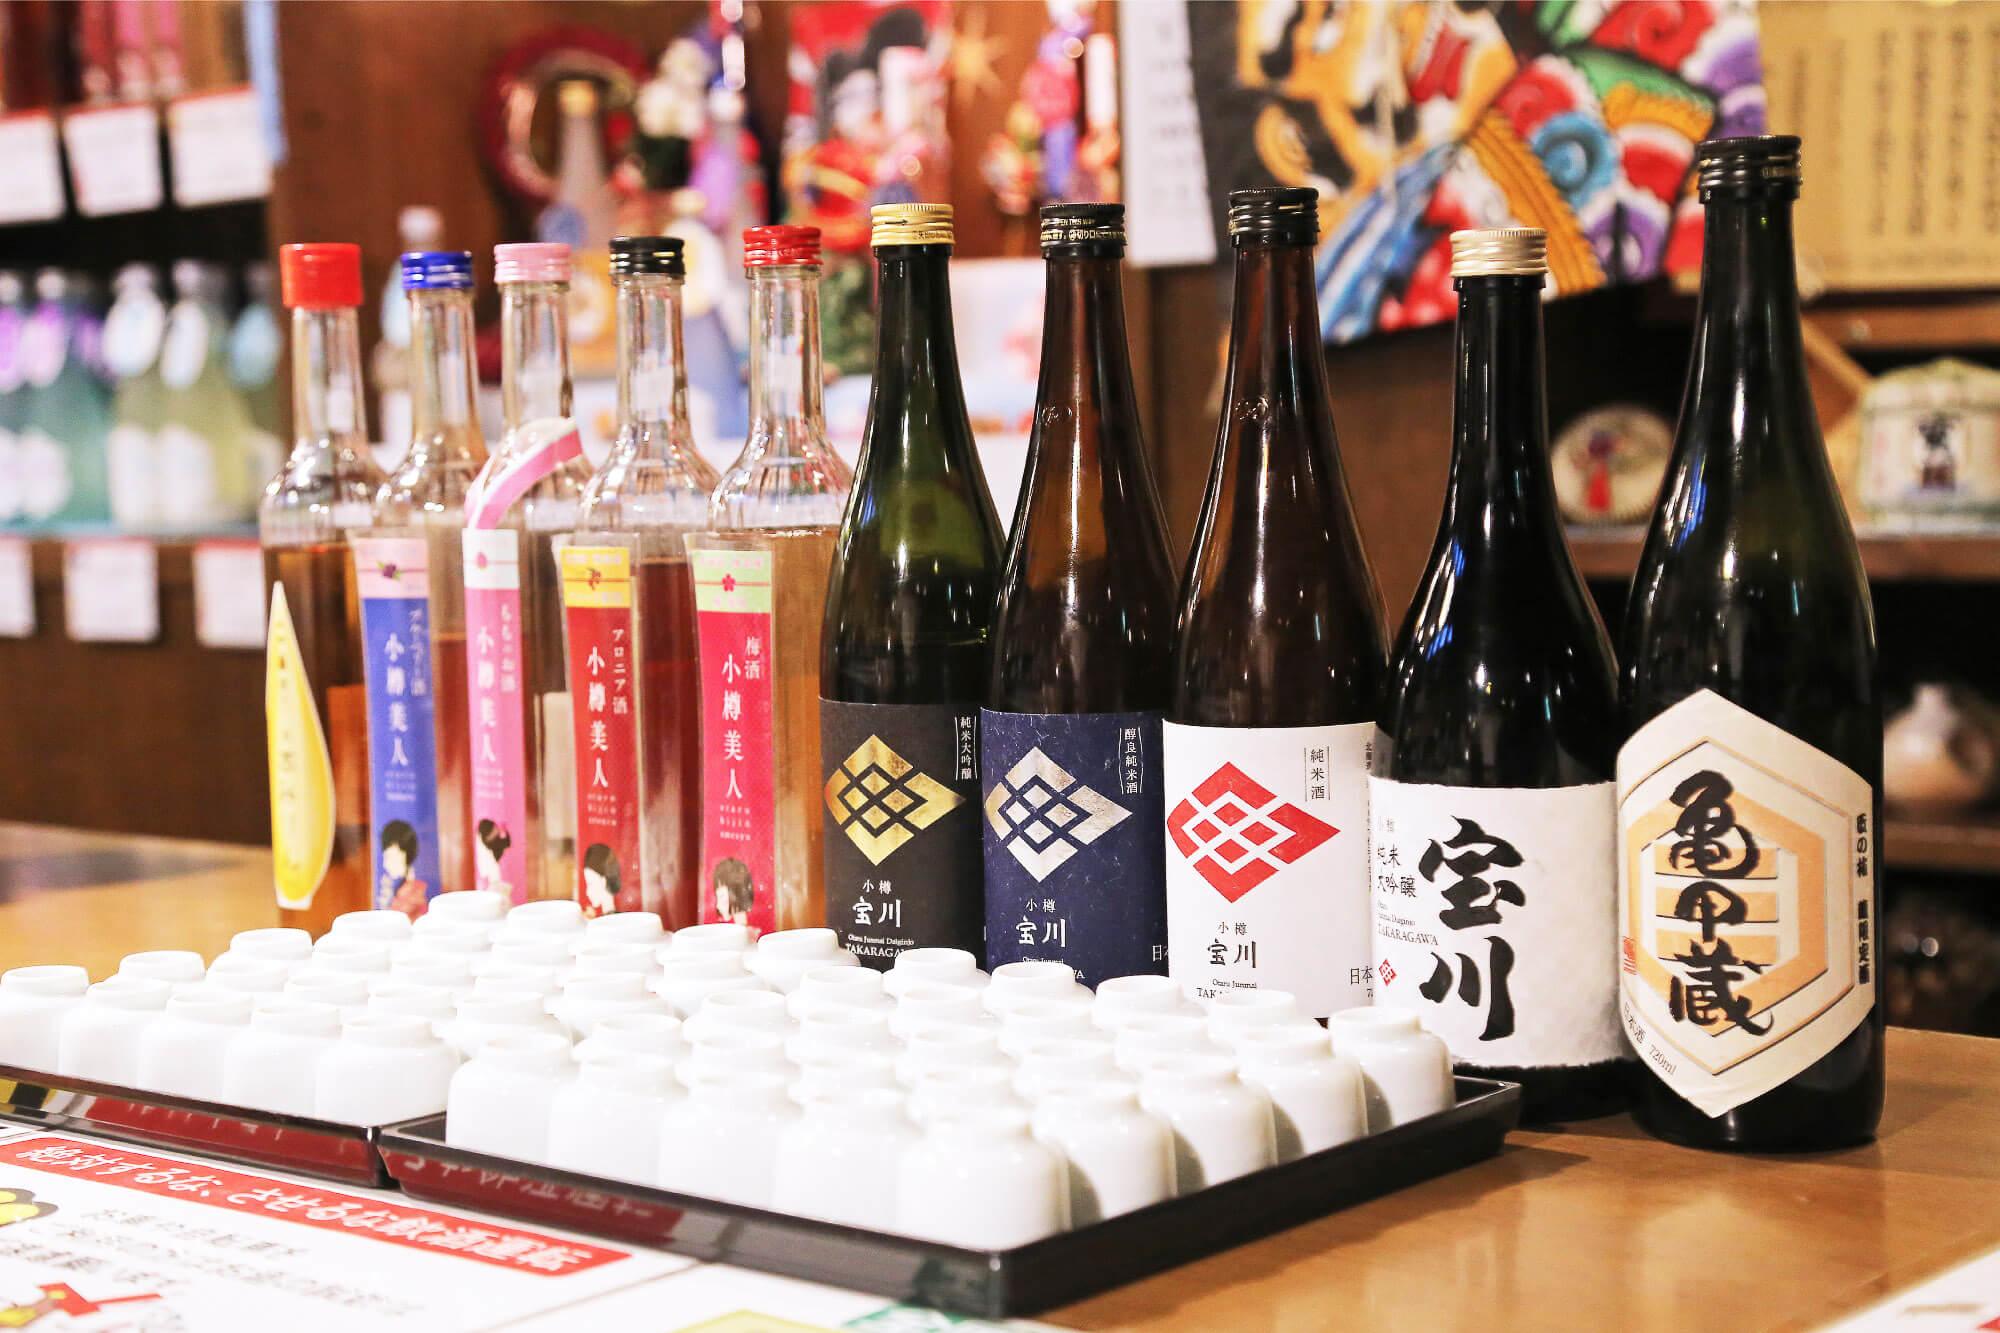 北海道最具代表性的釀酒廠「小樽 田中酒造」